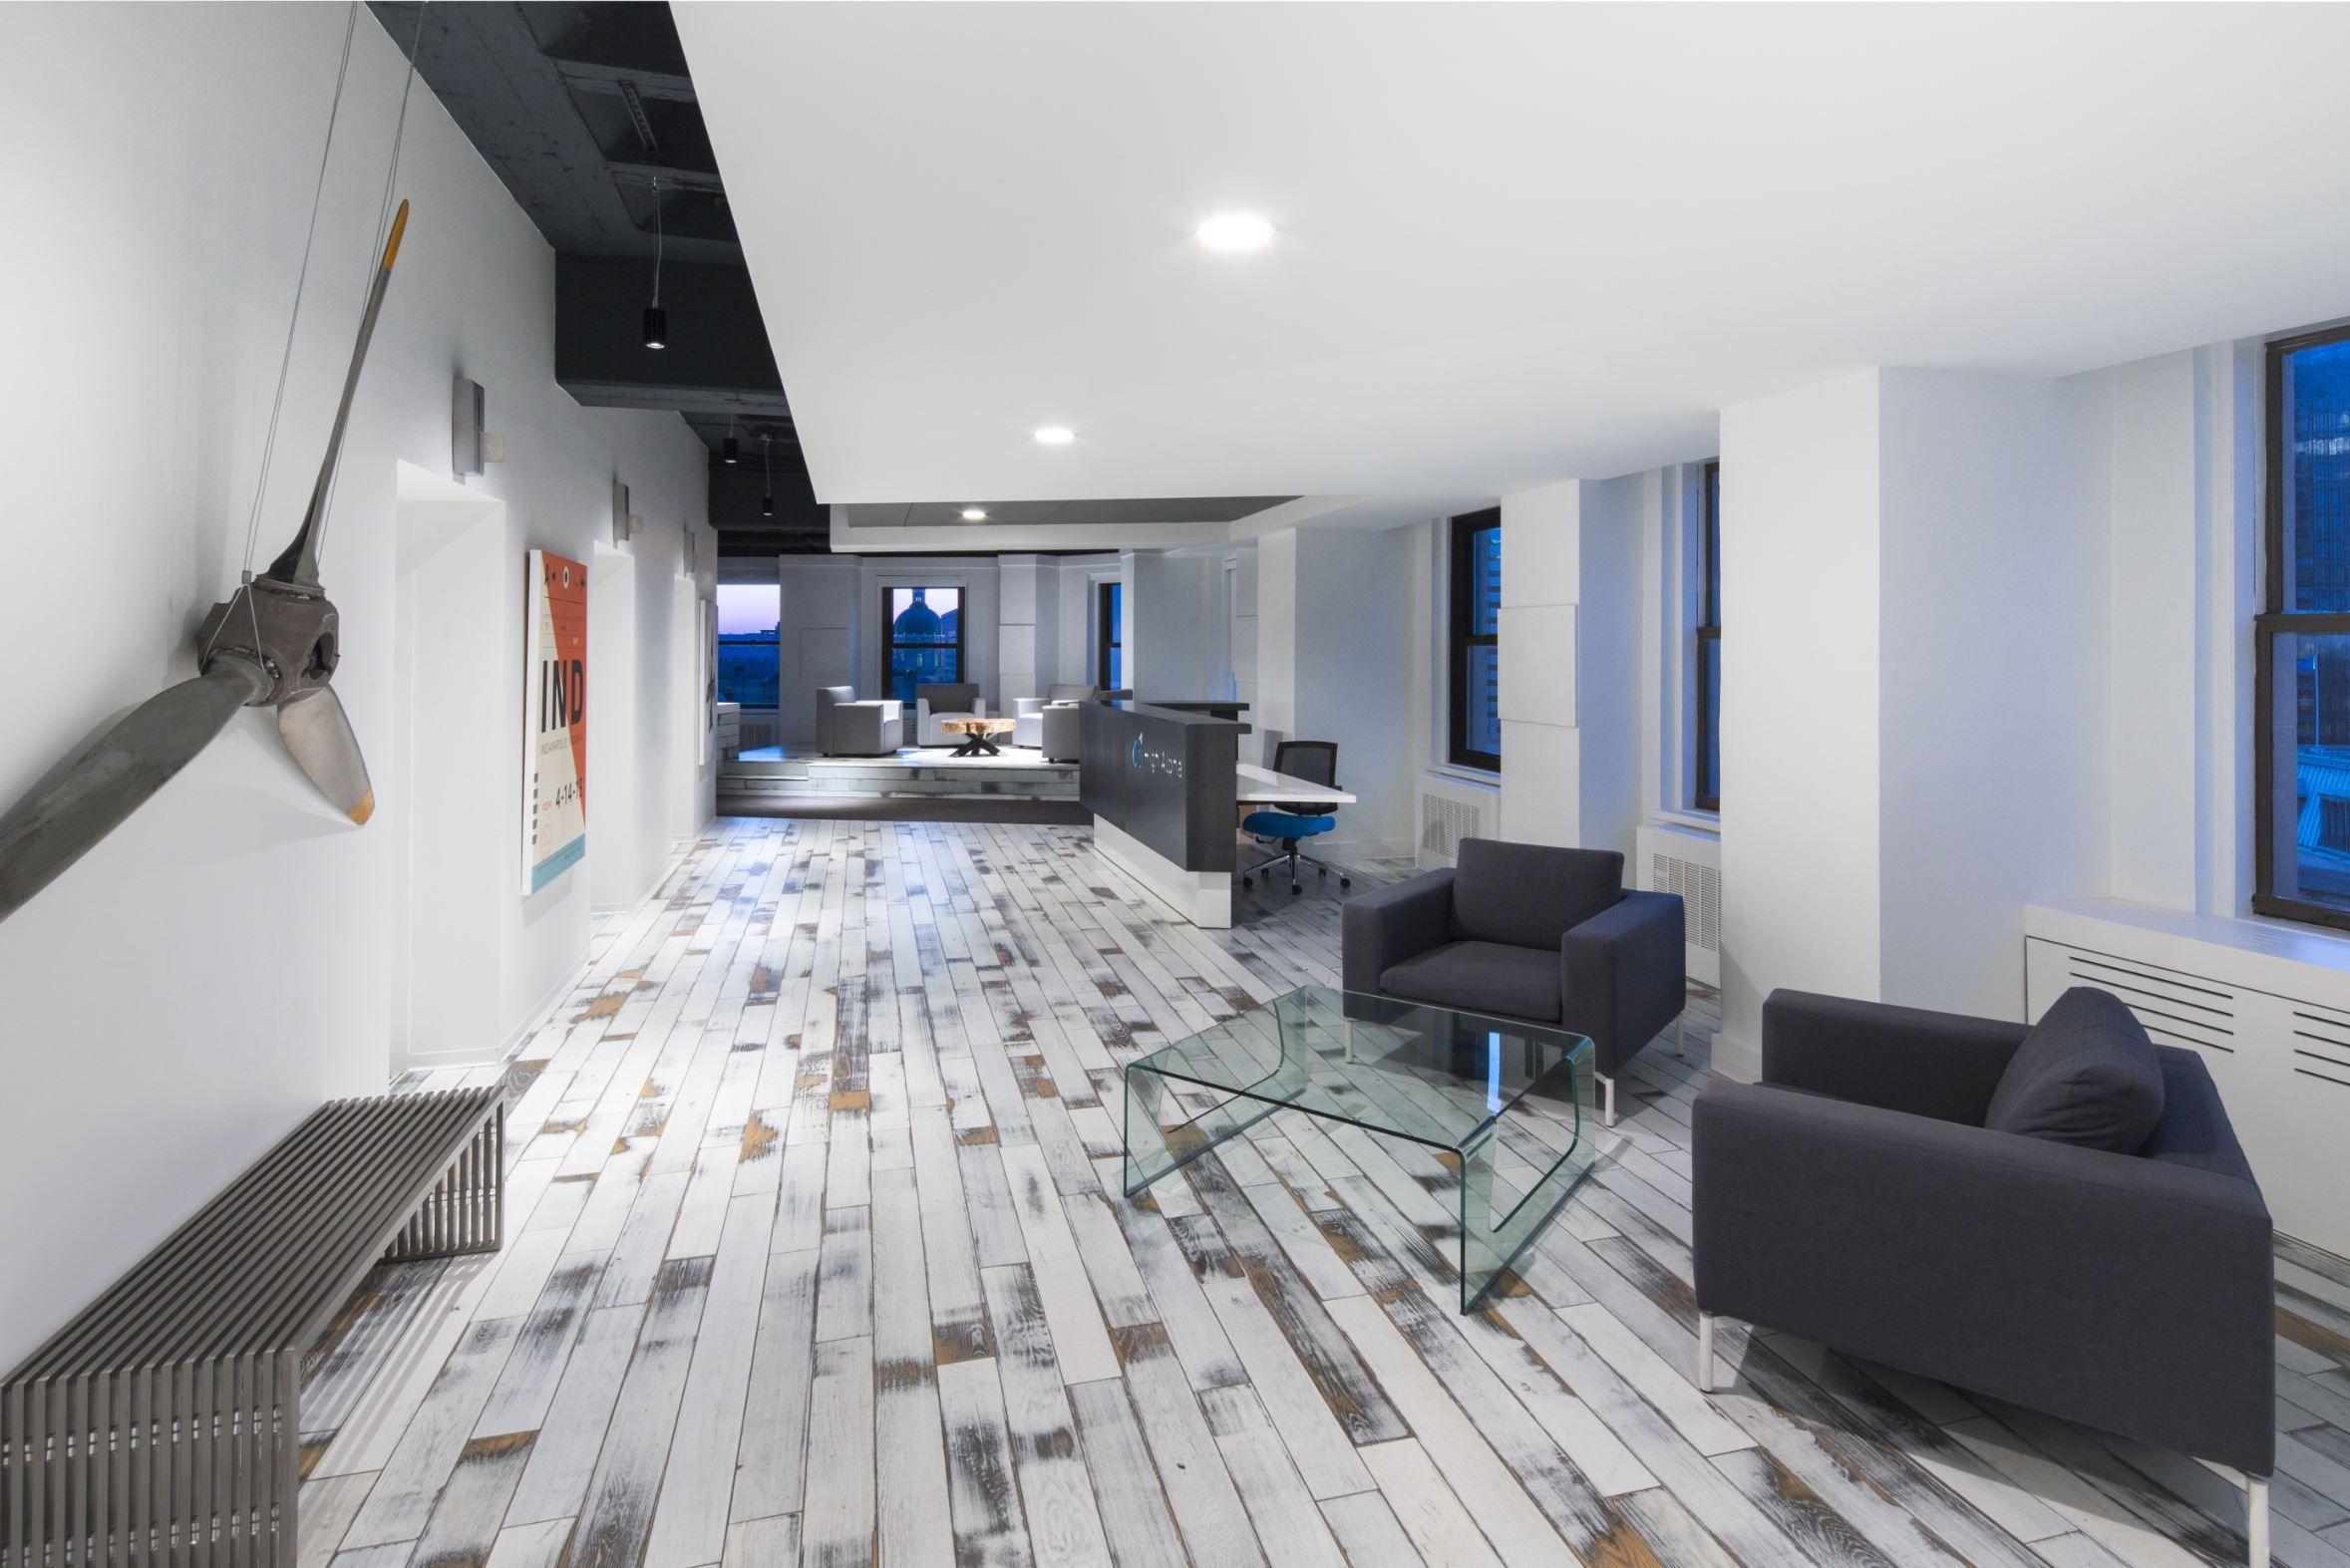 High Alpha dreams big | Commercial interior design ...